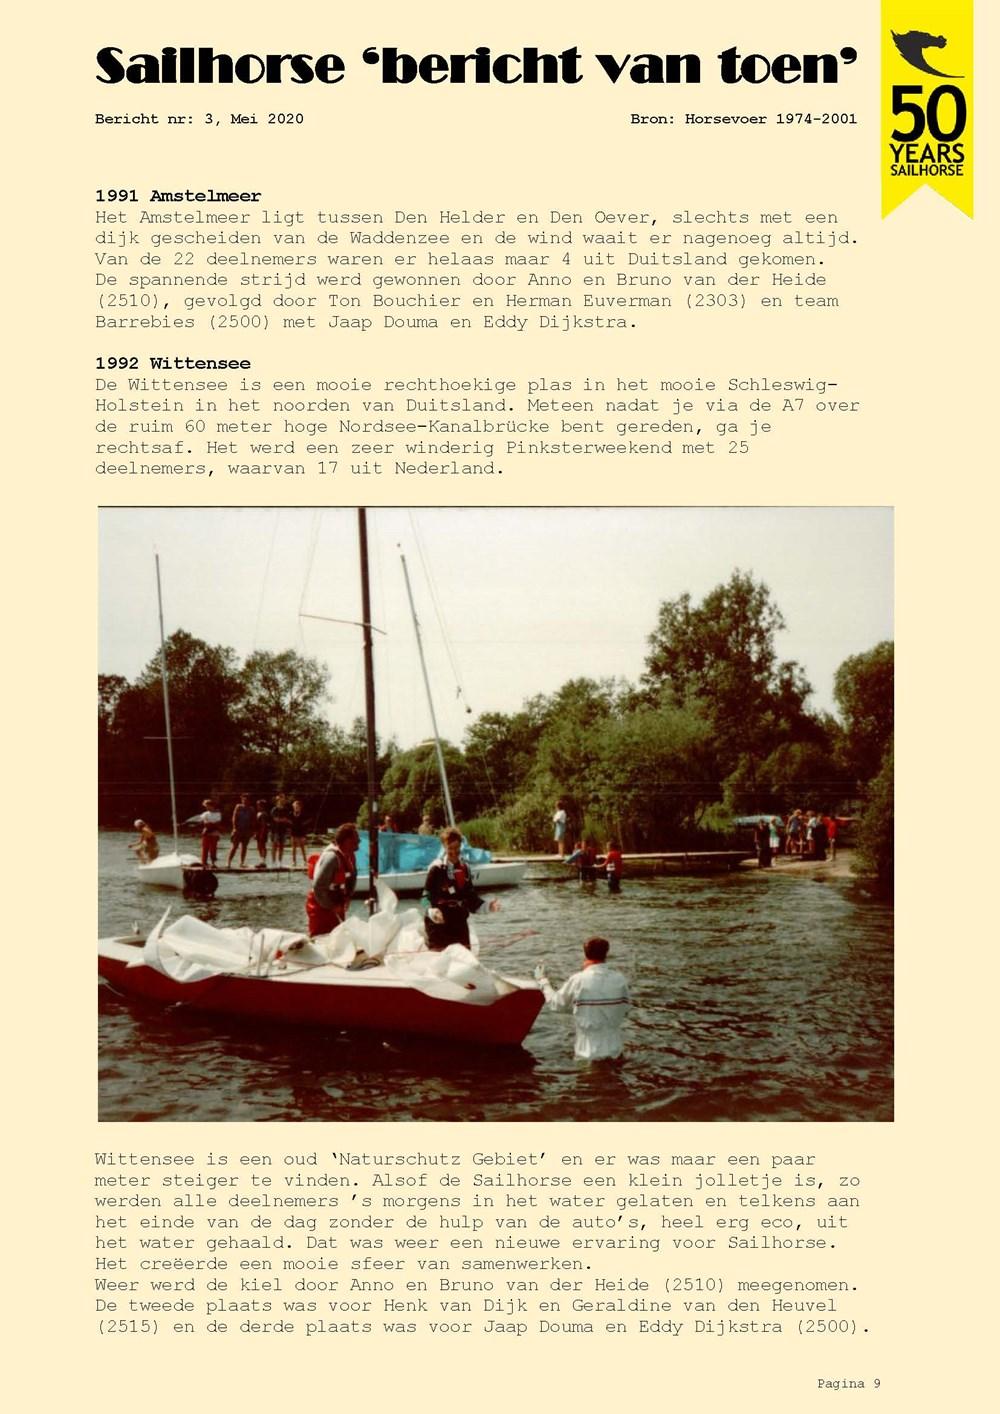 Bericht_van_toen_3_Mei_def_Page_09.jpg